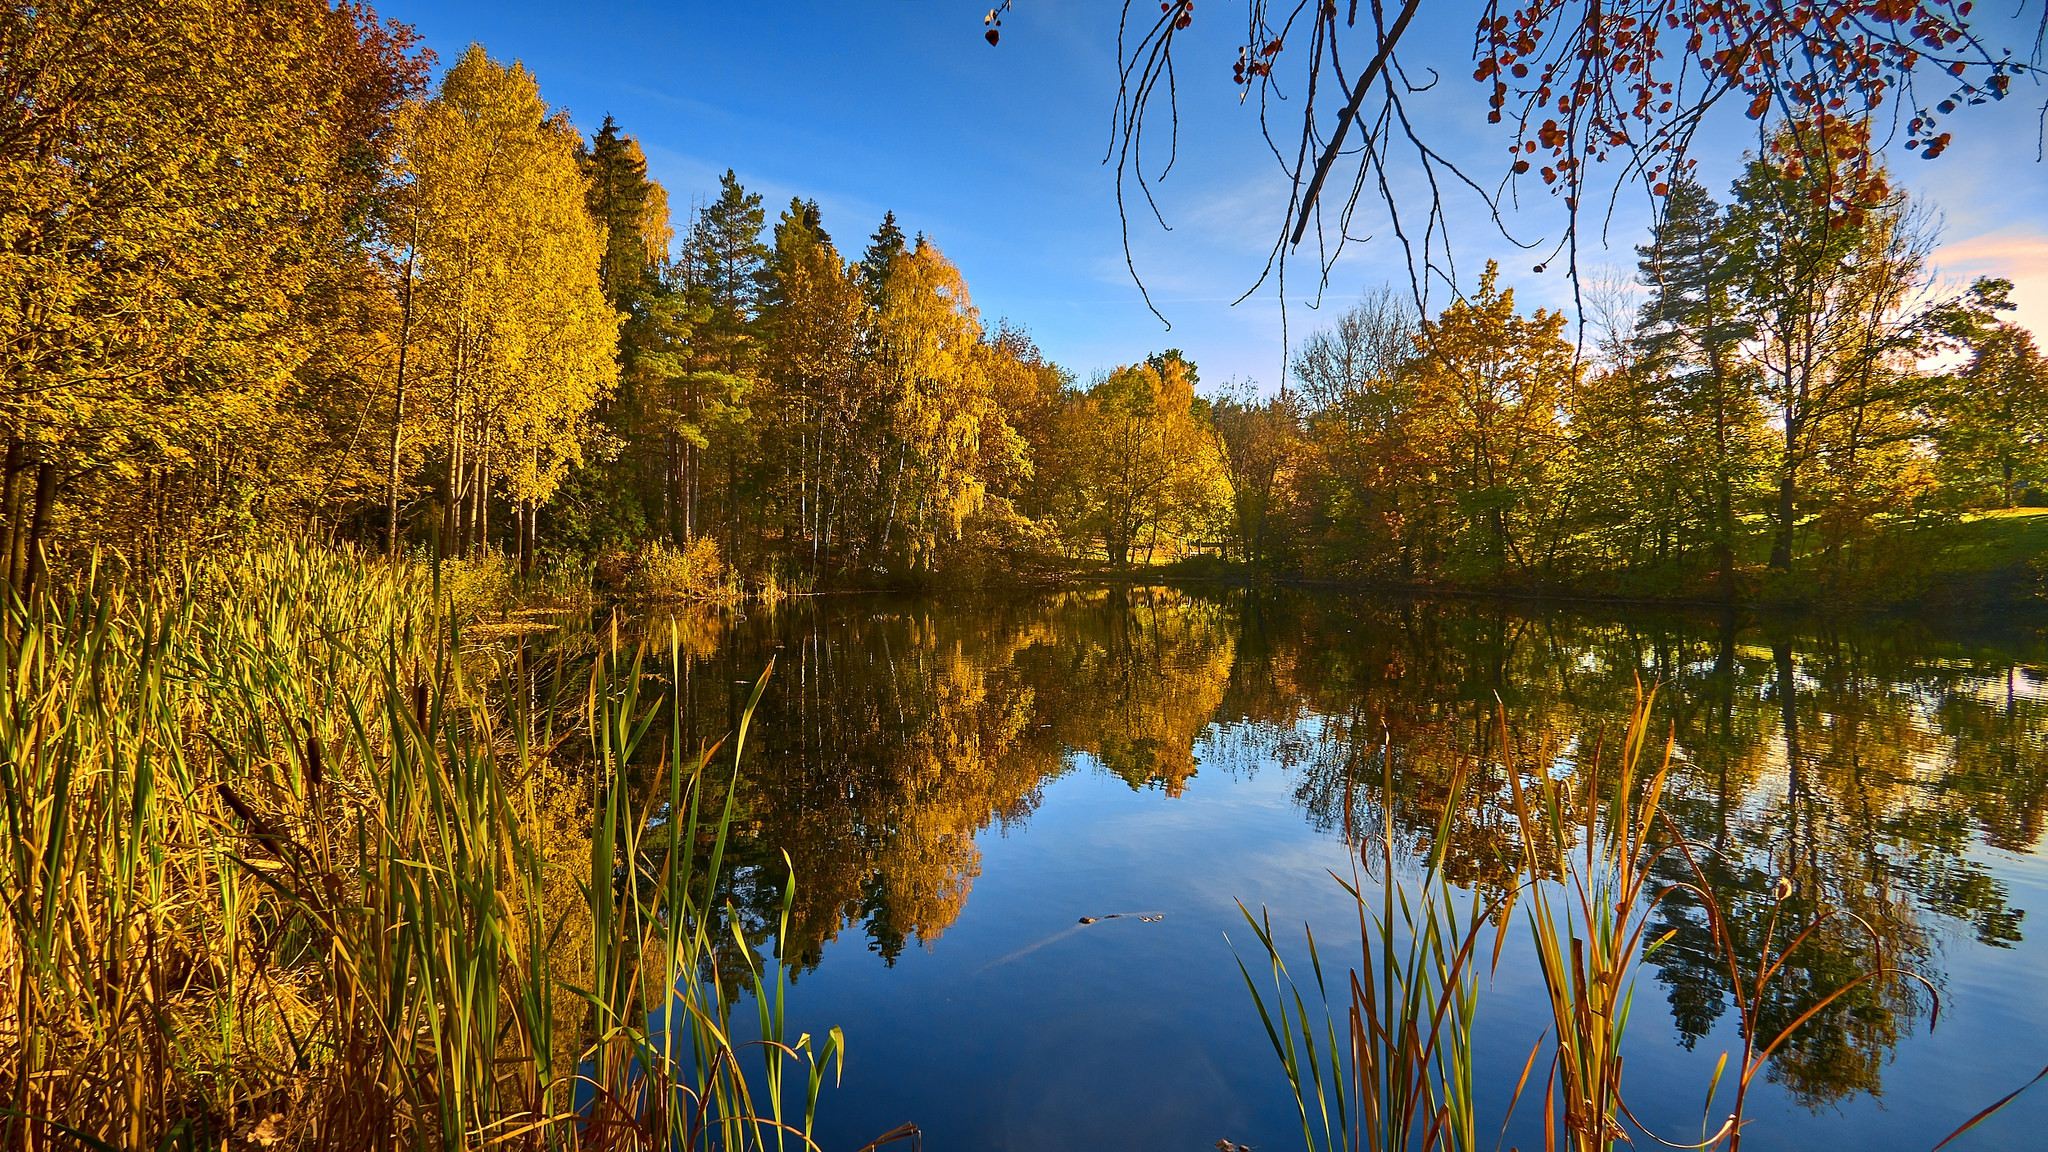 обои на рабочий стол осень природа река озеро лес № 241687 загрузить